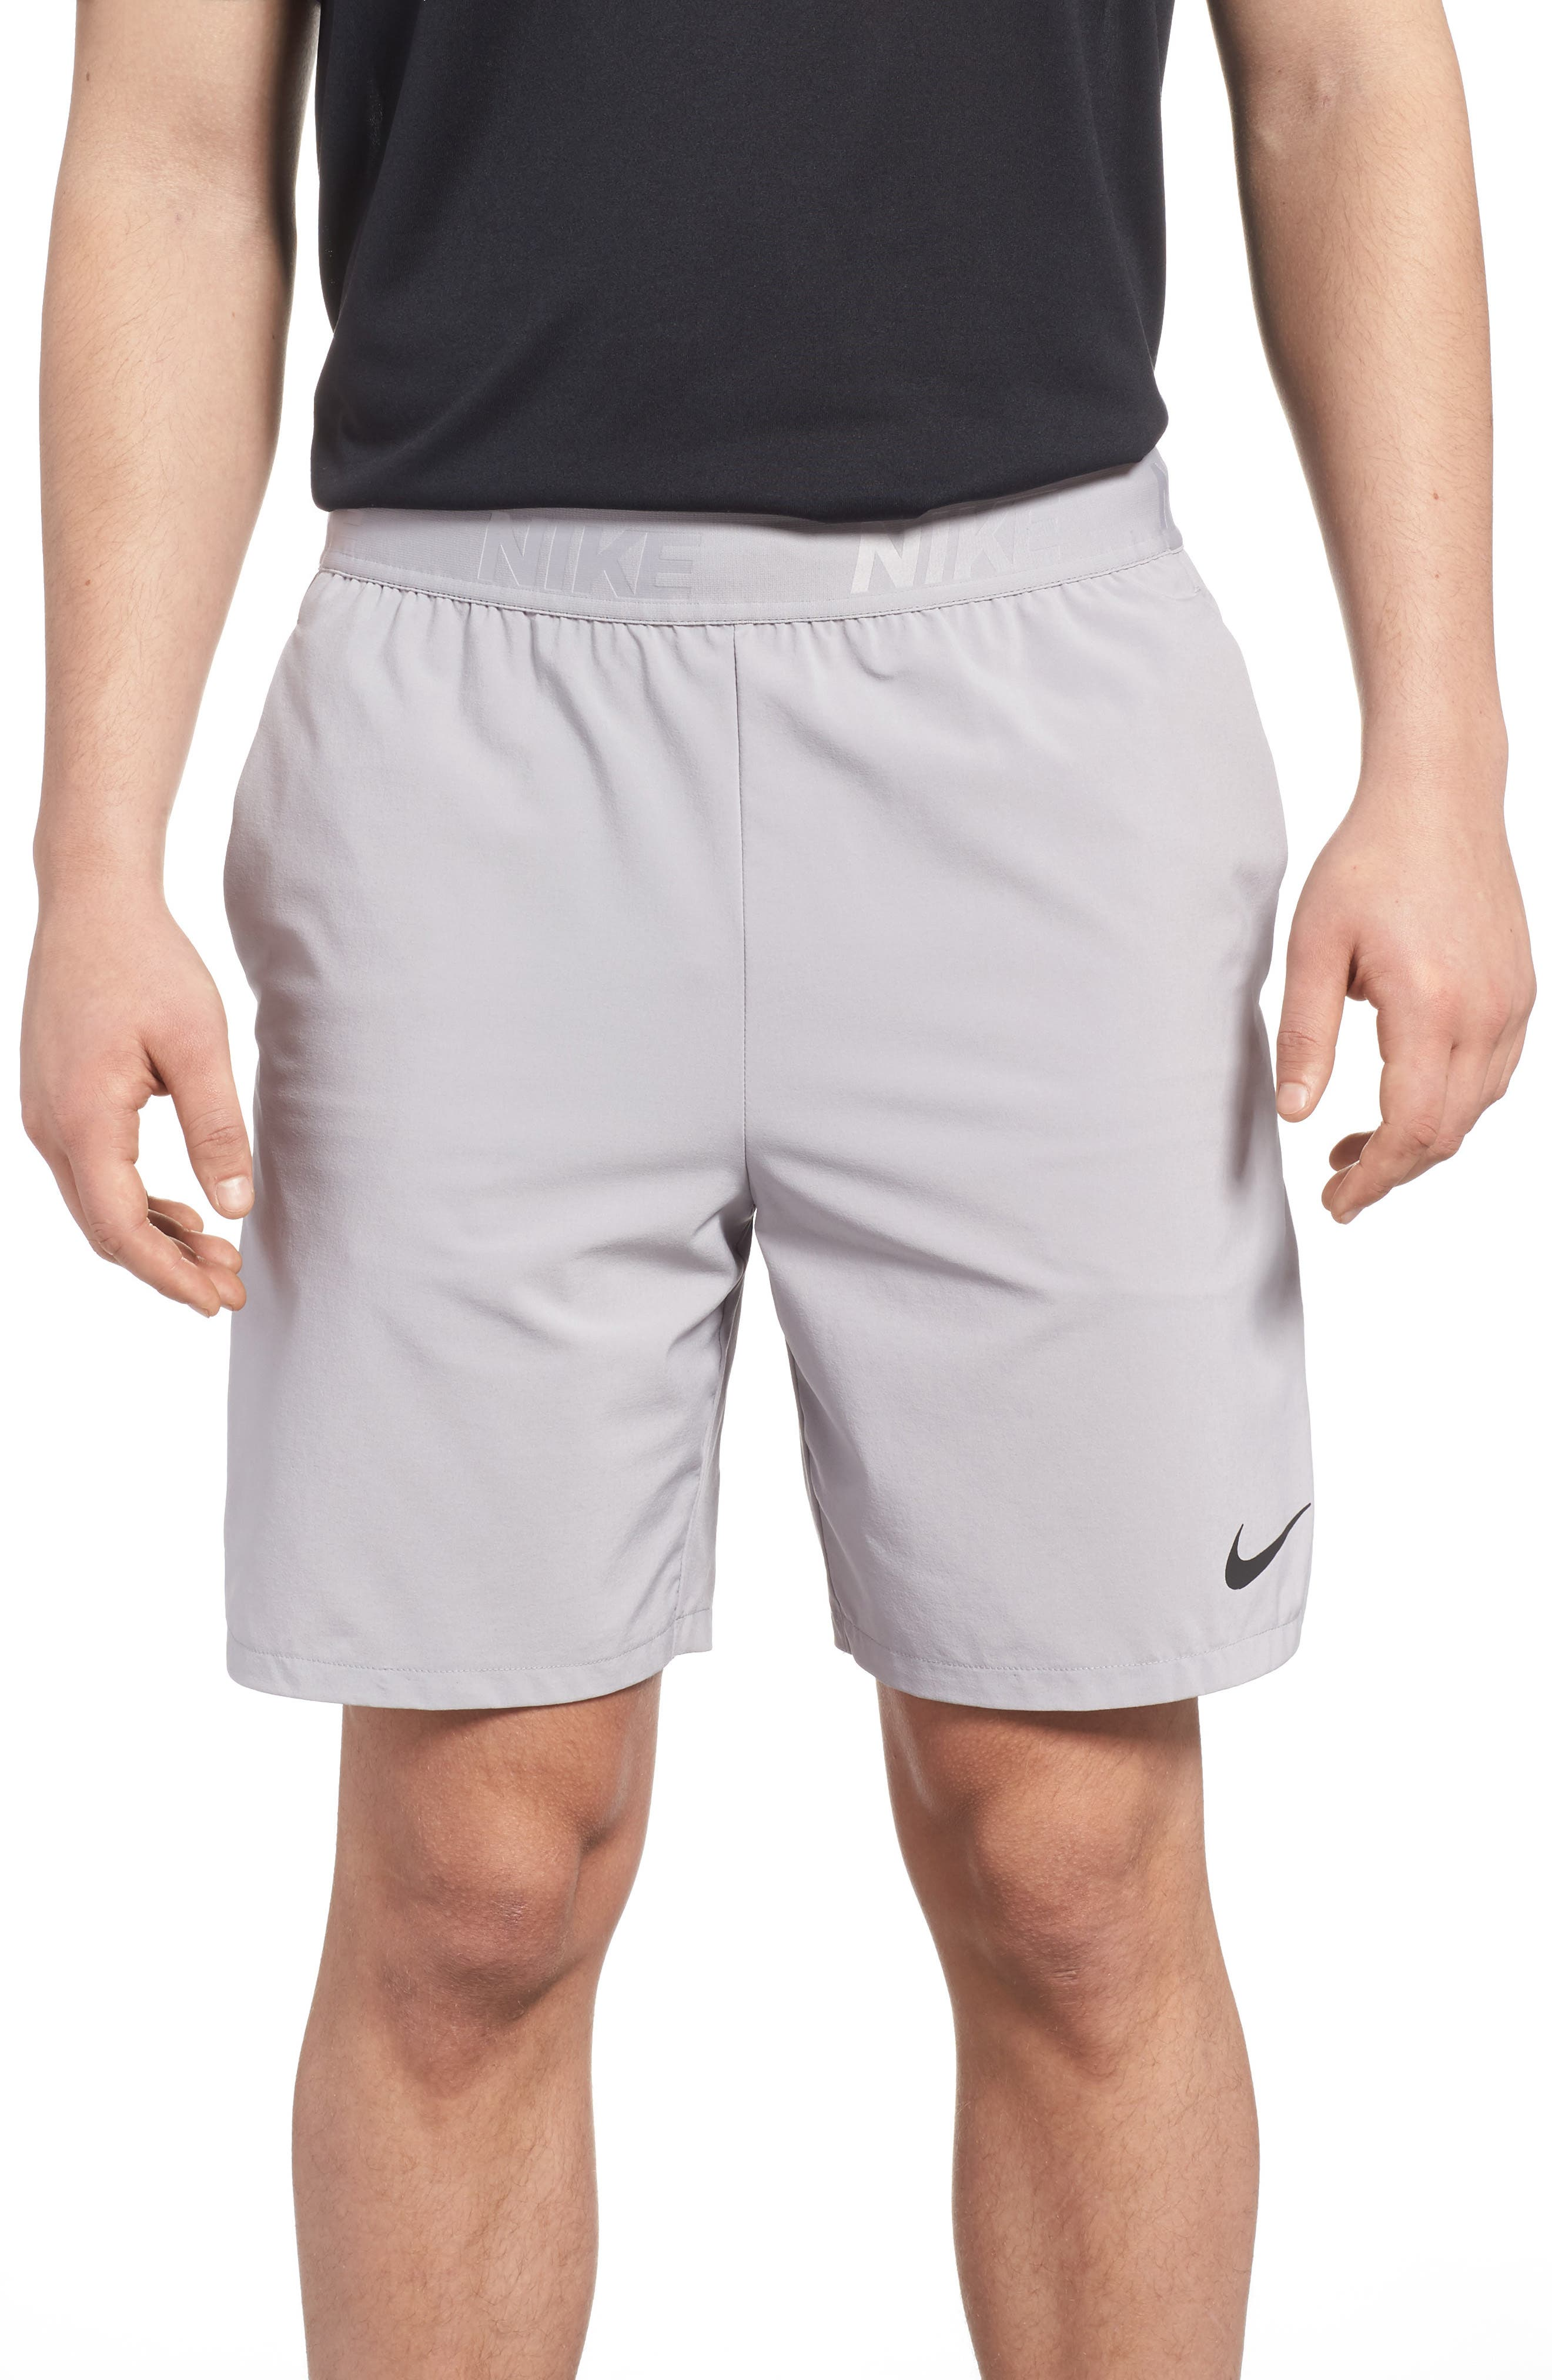 Nike Flex Vent Max Shorts Grey